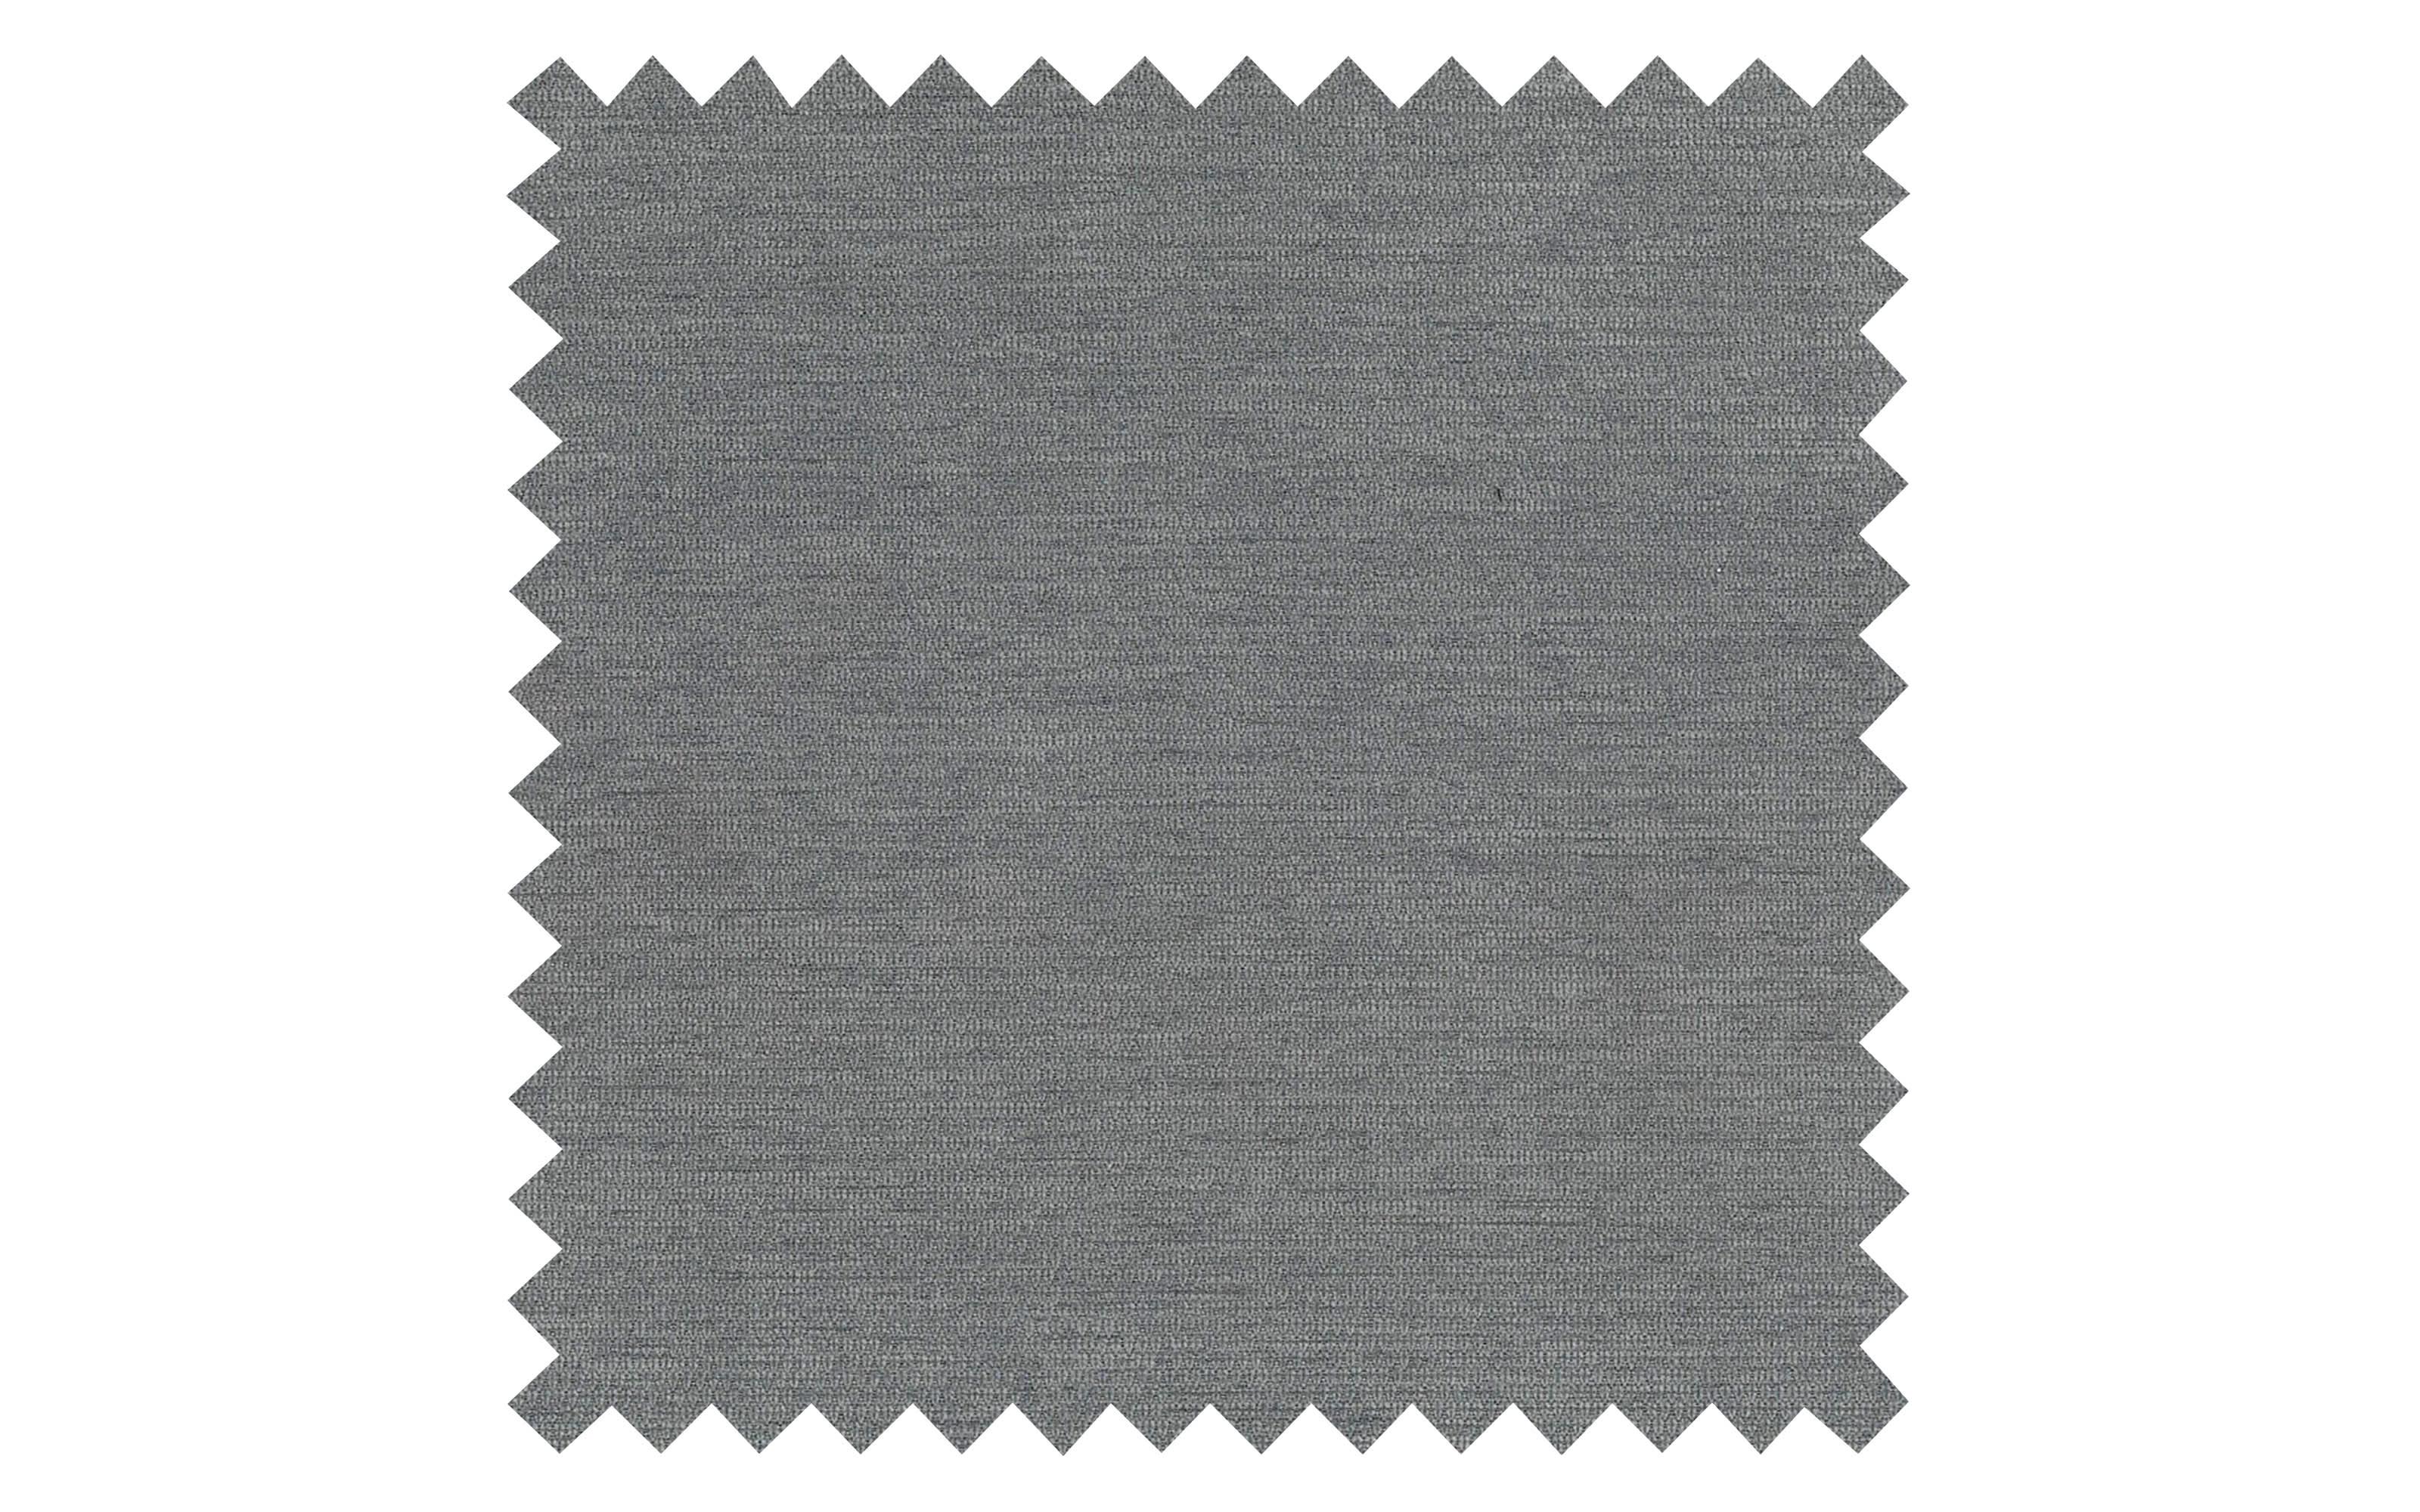 Nachtkonsole Lancy in Design 311/19 grau